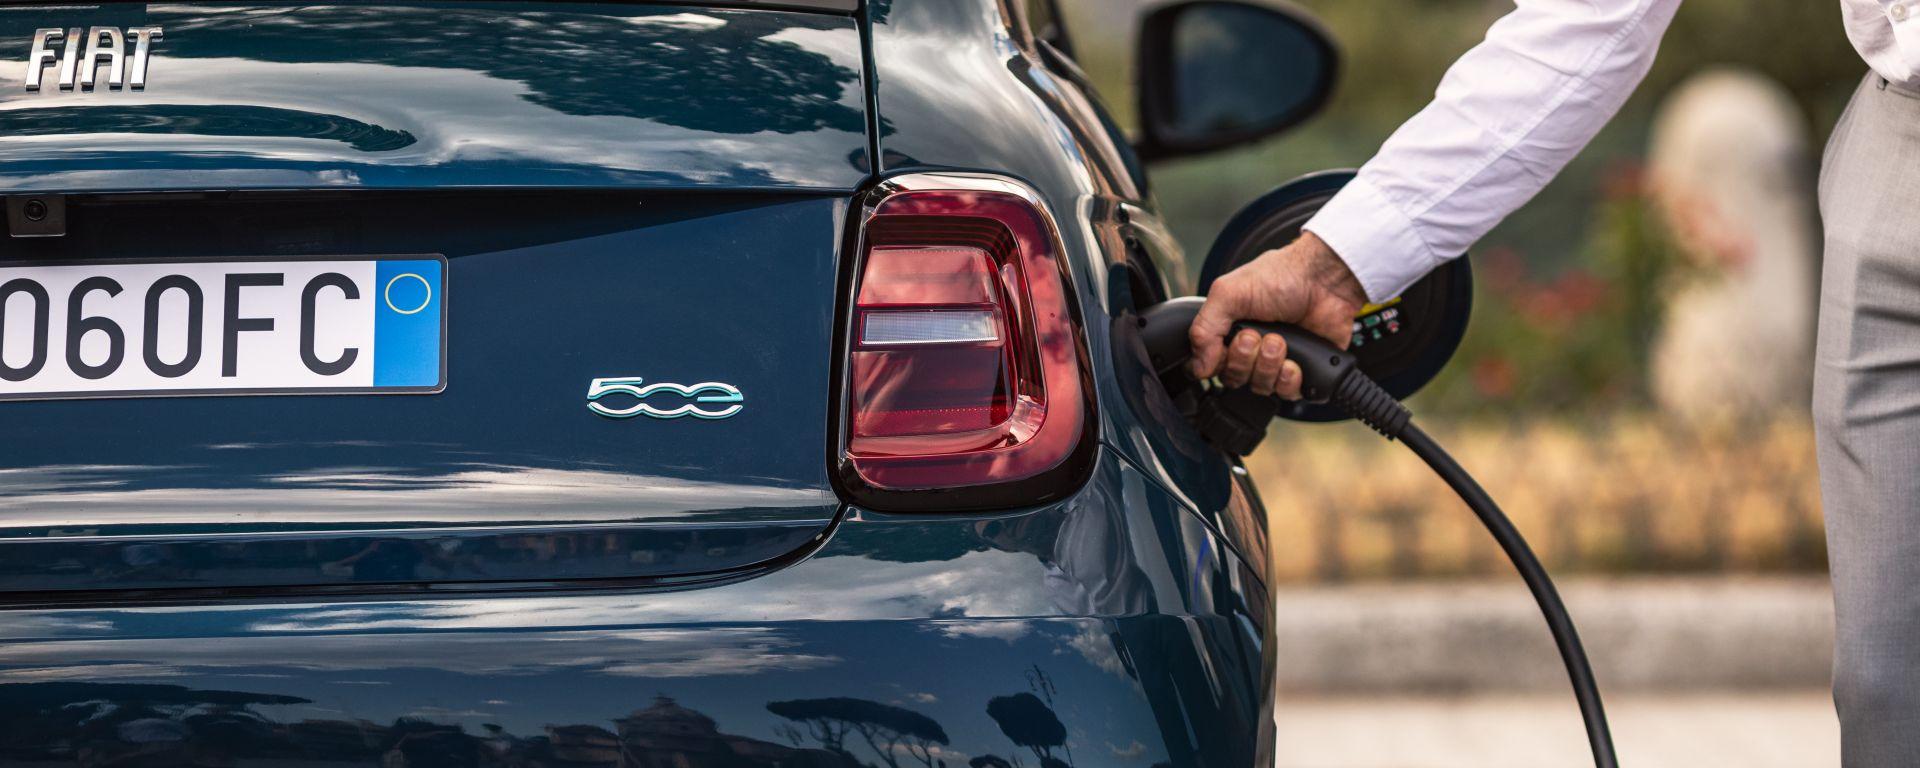 FCA, accordo con Engie EPS per ricarica auto elettriche